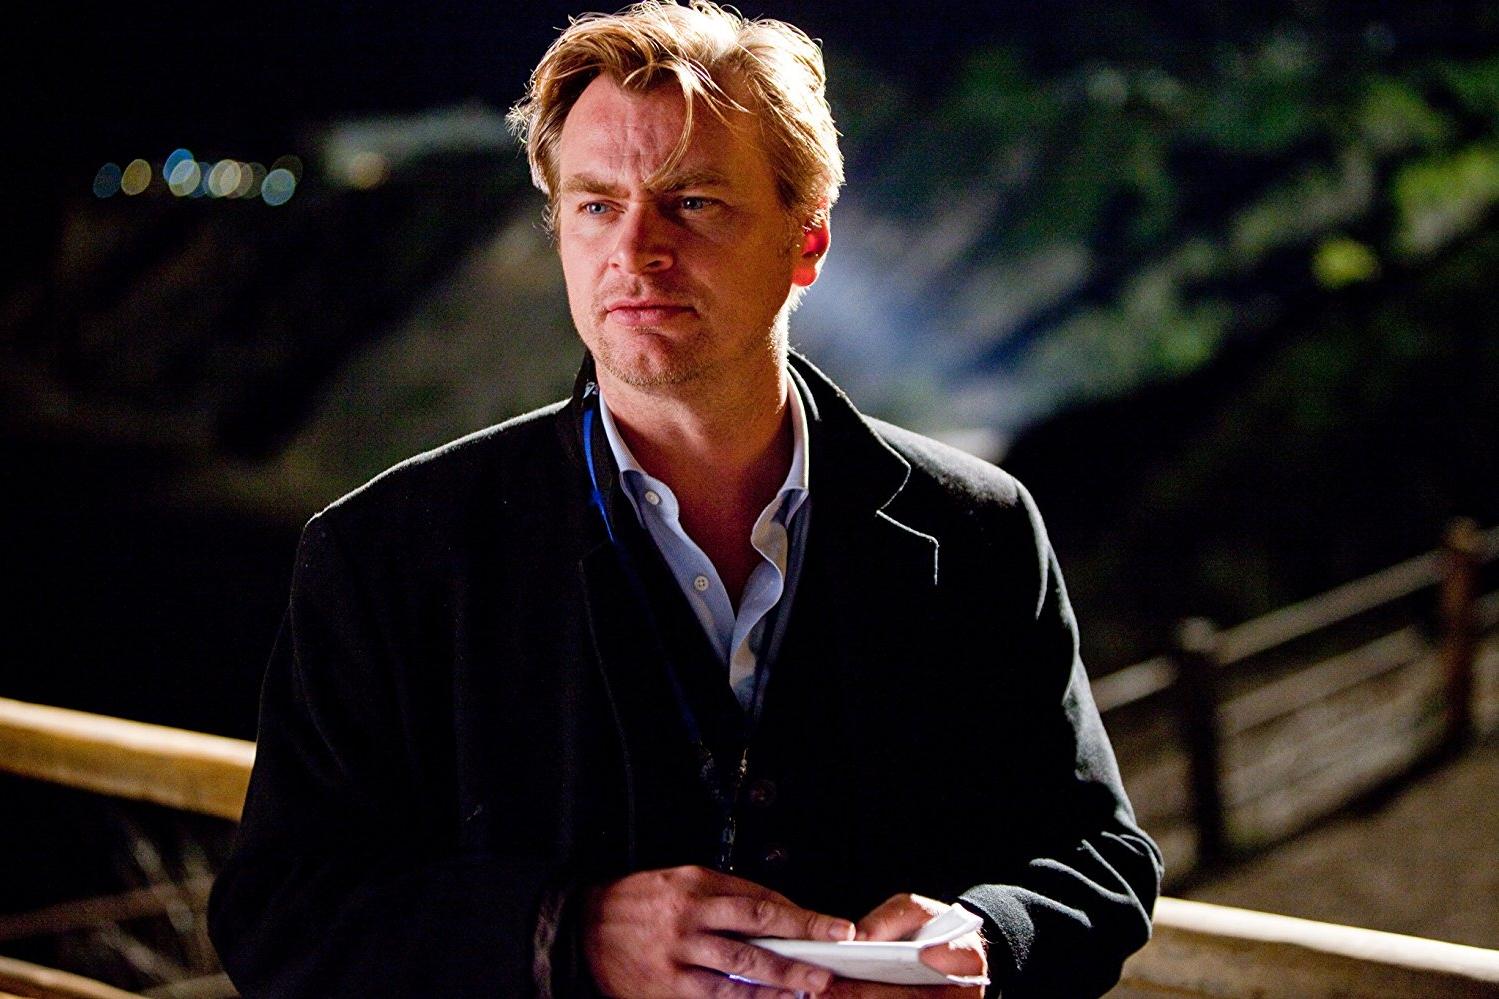 Yeni Christopher Nolan Filminin Vizyon Tarihi Açıklandı!